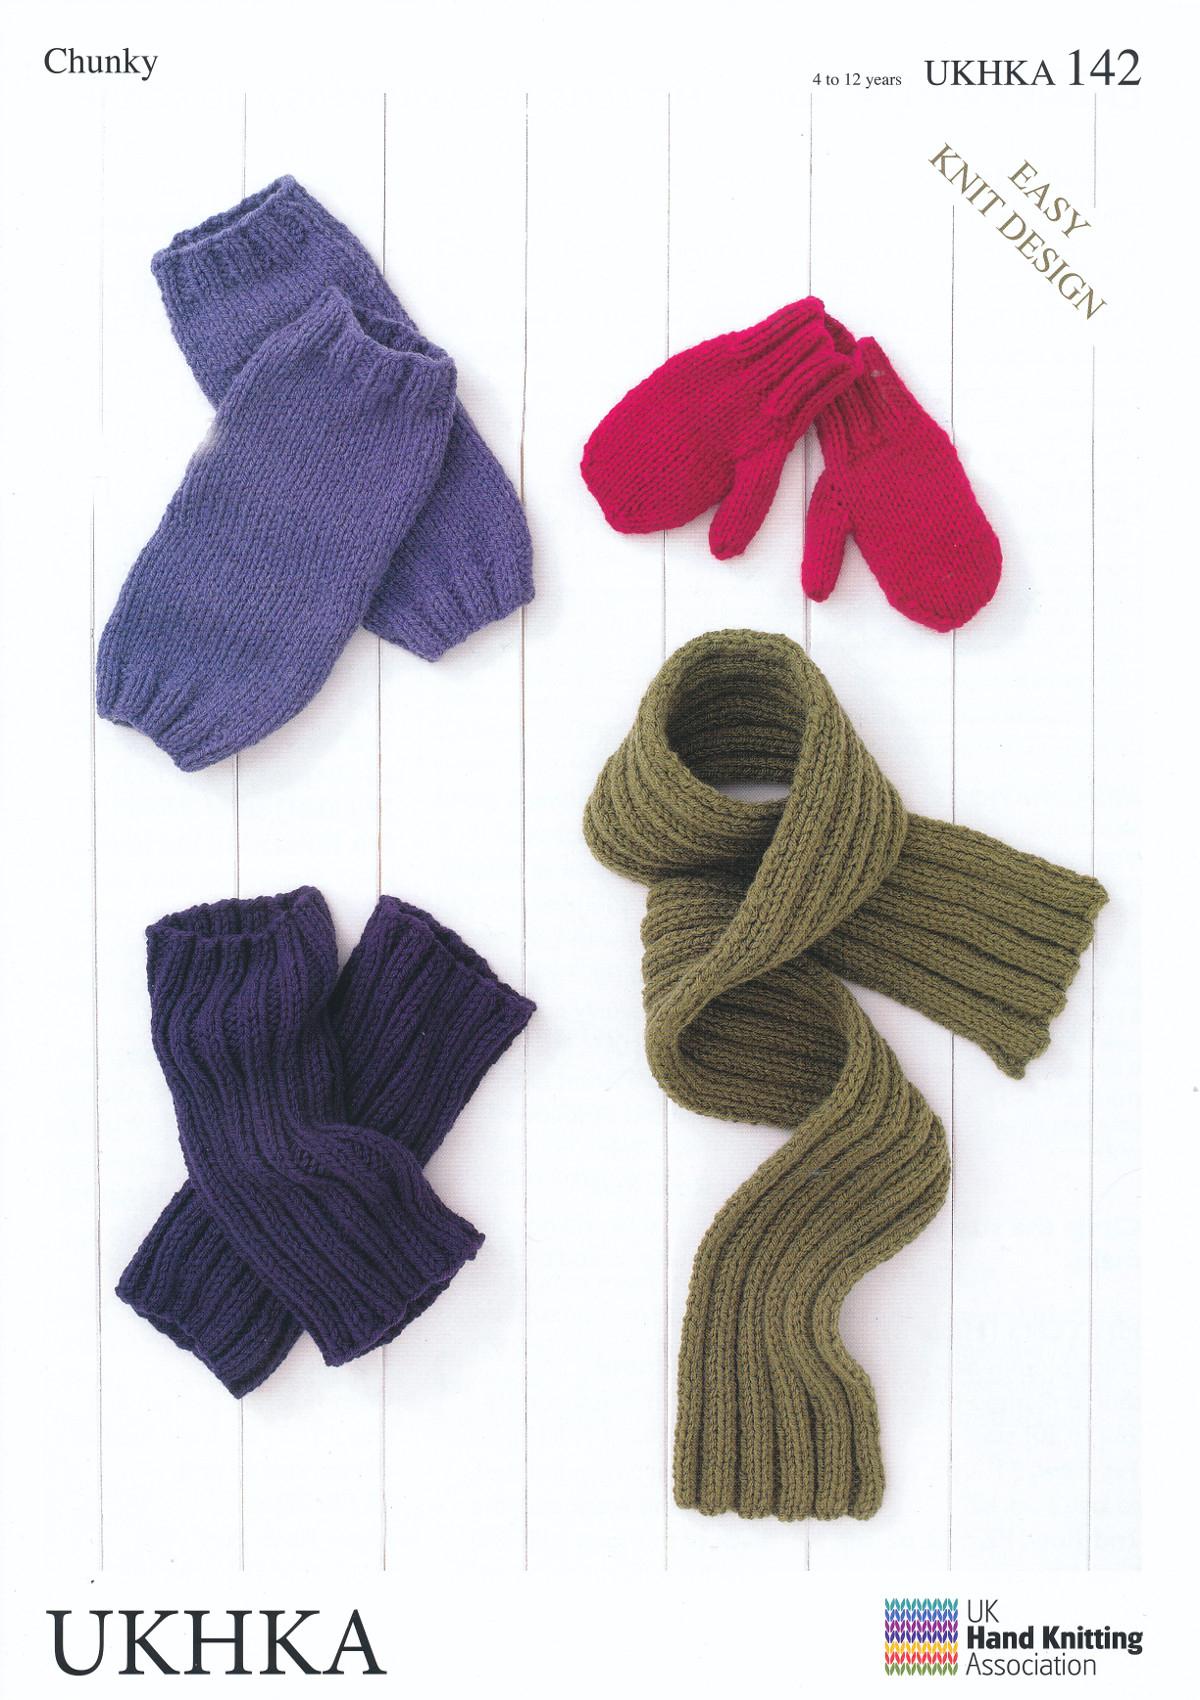 Knitting Patterns Easy Scarf Chunky Knitting Pattern Ukhka 142 Easy Knit Childrens Mittens Leg